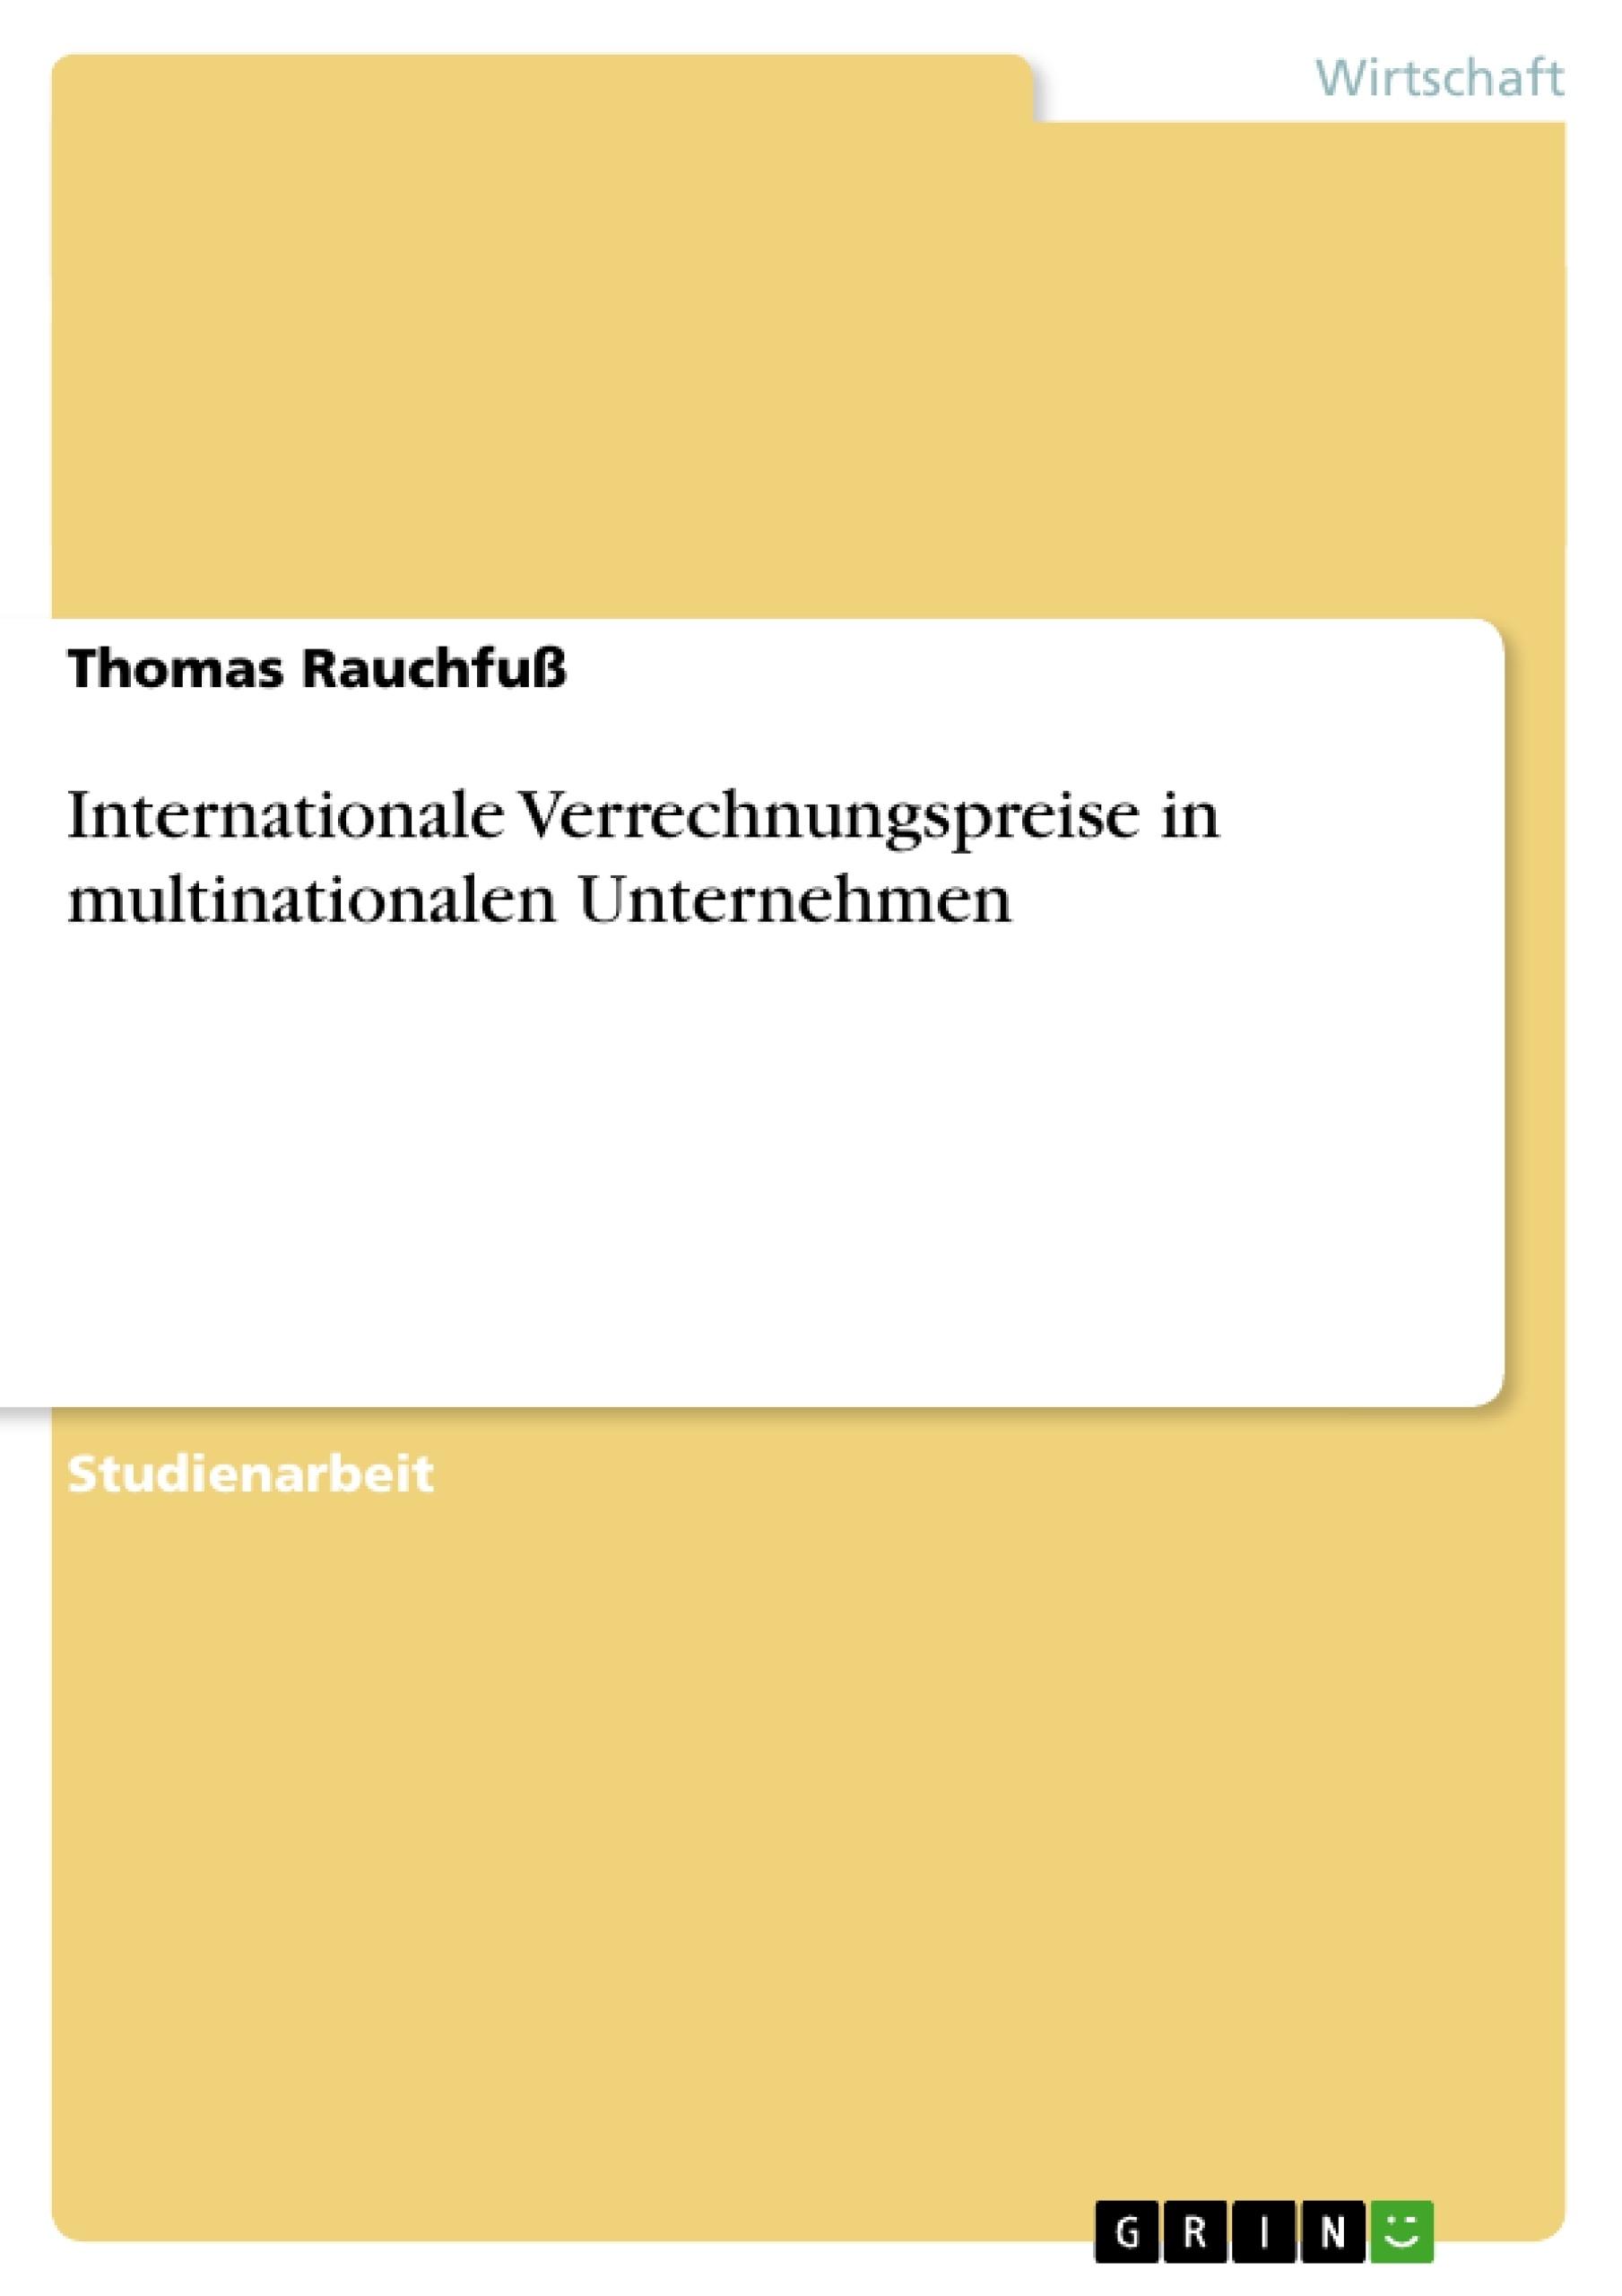 Titel: Internationale Verrechnungspreise in multinationalen Unternehmen